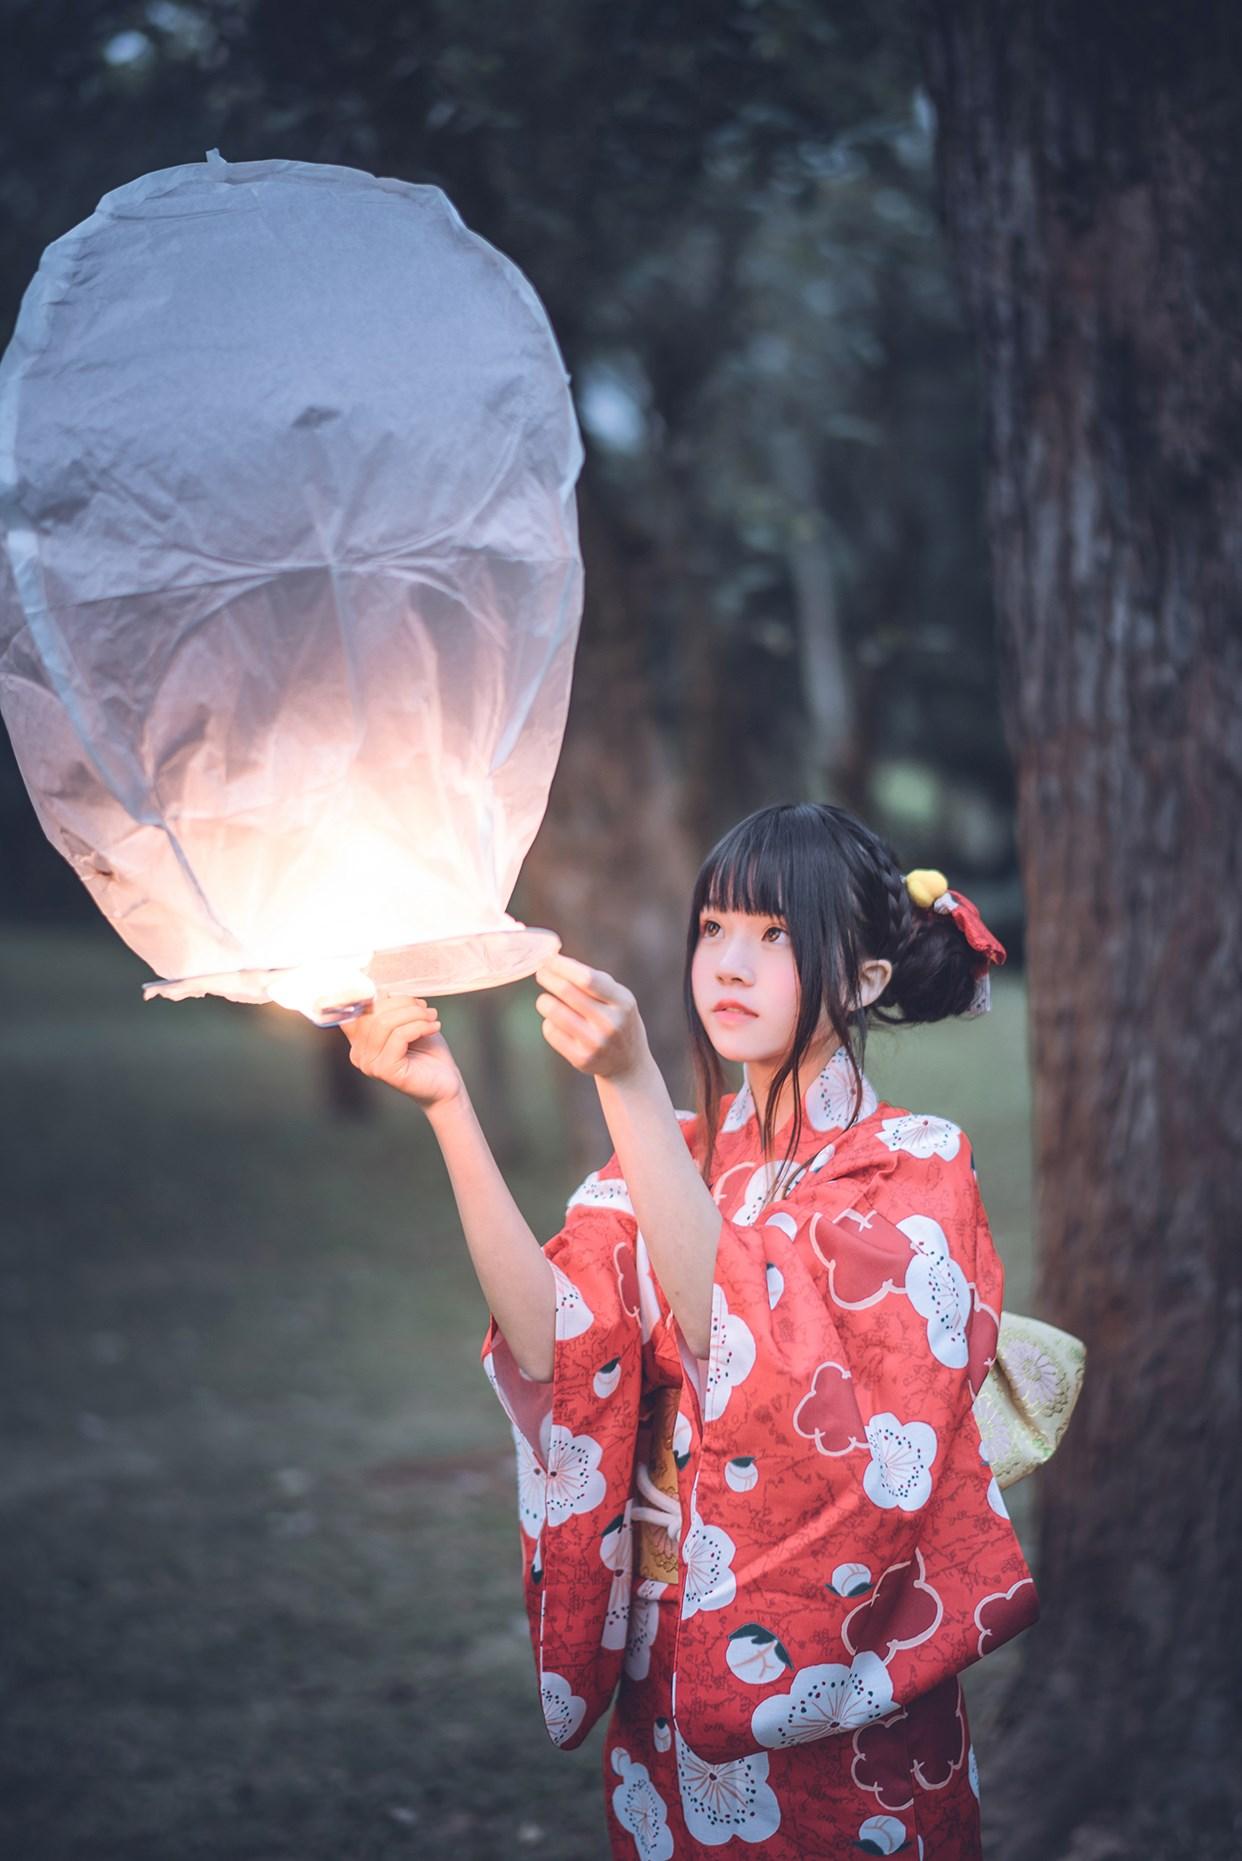 【兔玩映画】夏日祭 兔玩映画 第51张